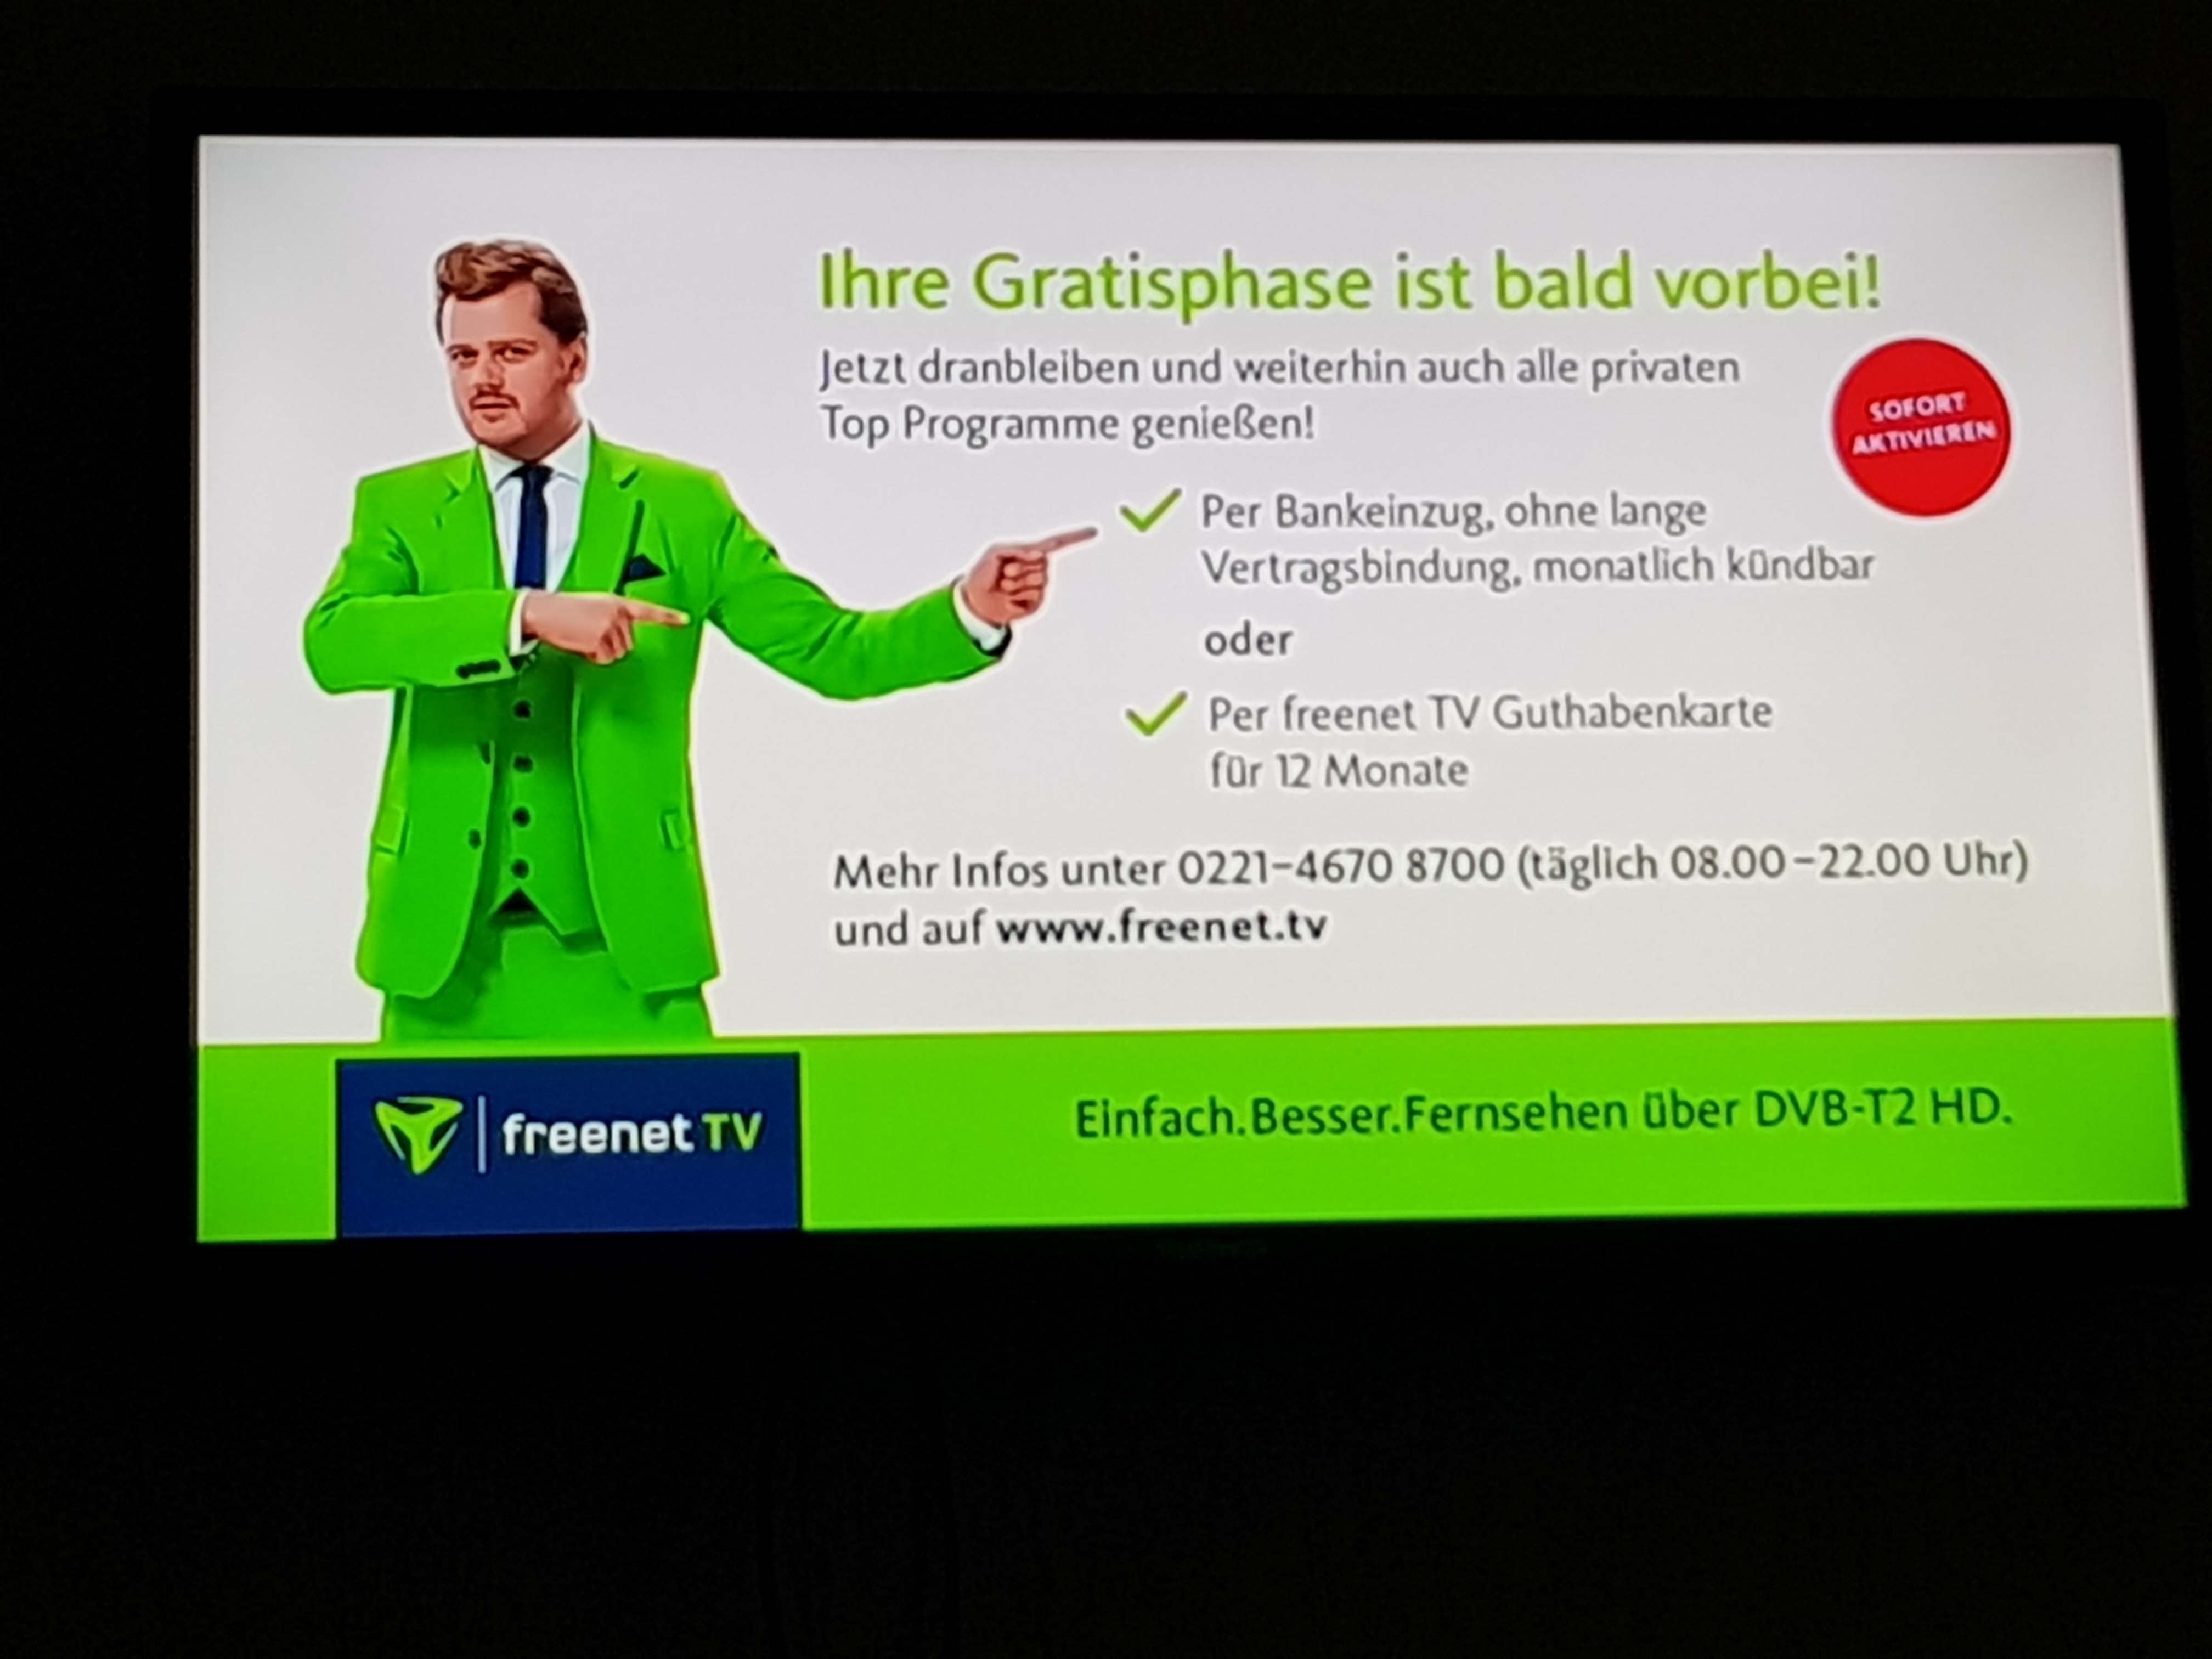 Www.Freenet.Tv/Freischaltung